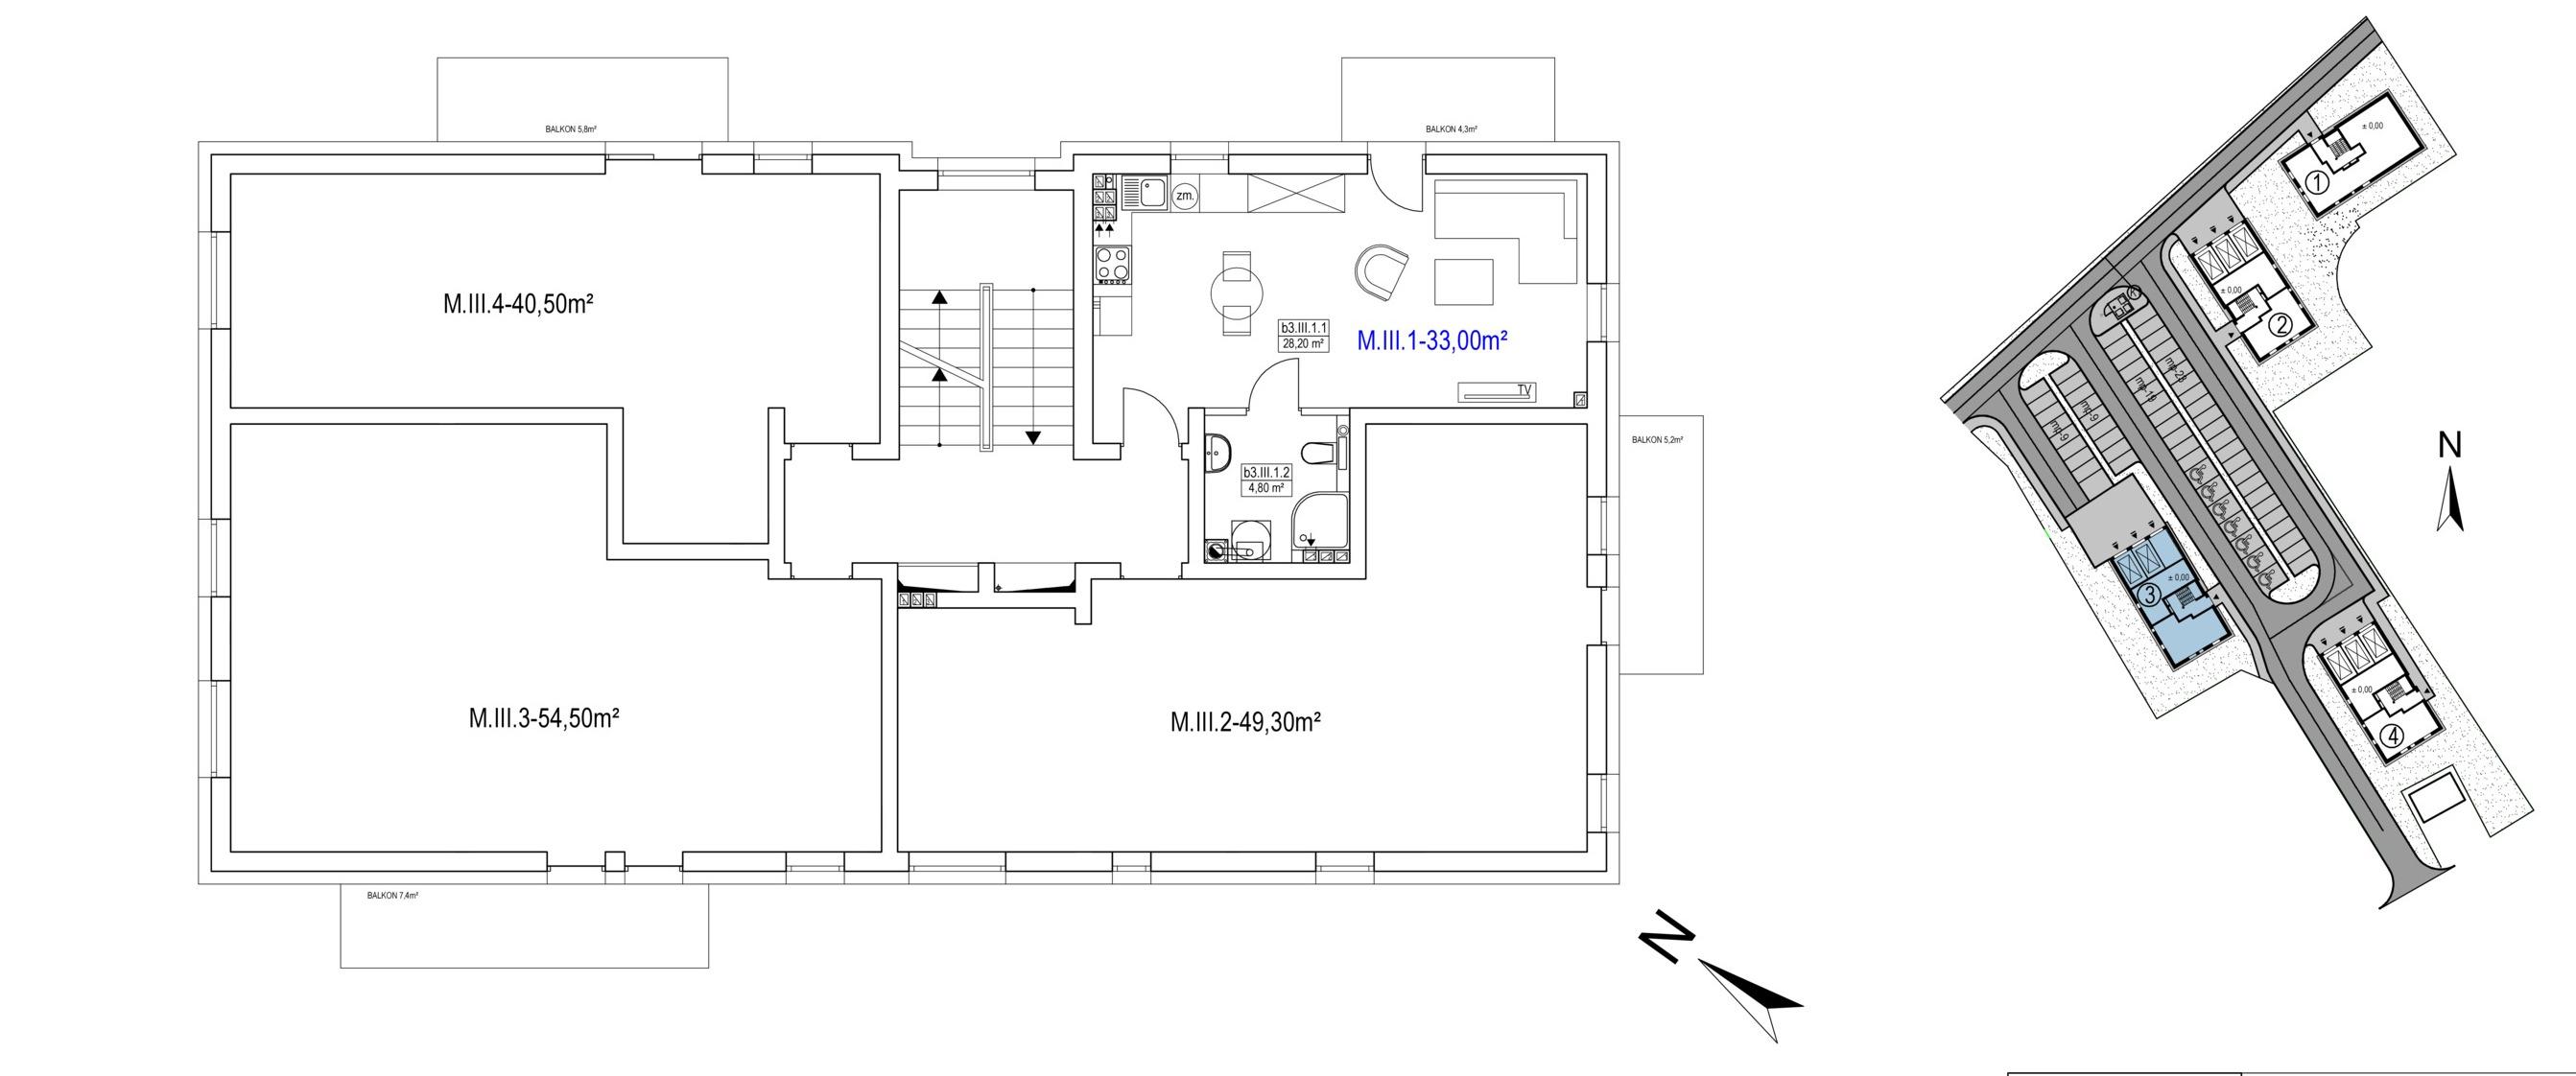 /assets/img/flats/B3.M.III.1.jpg